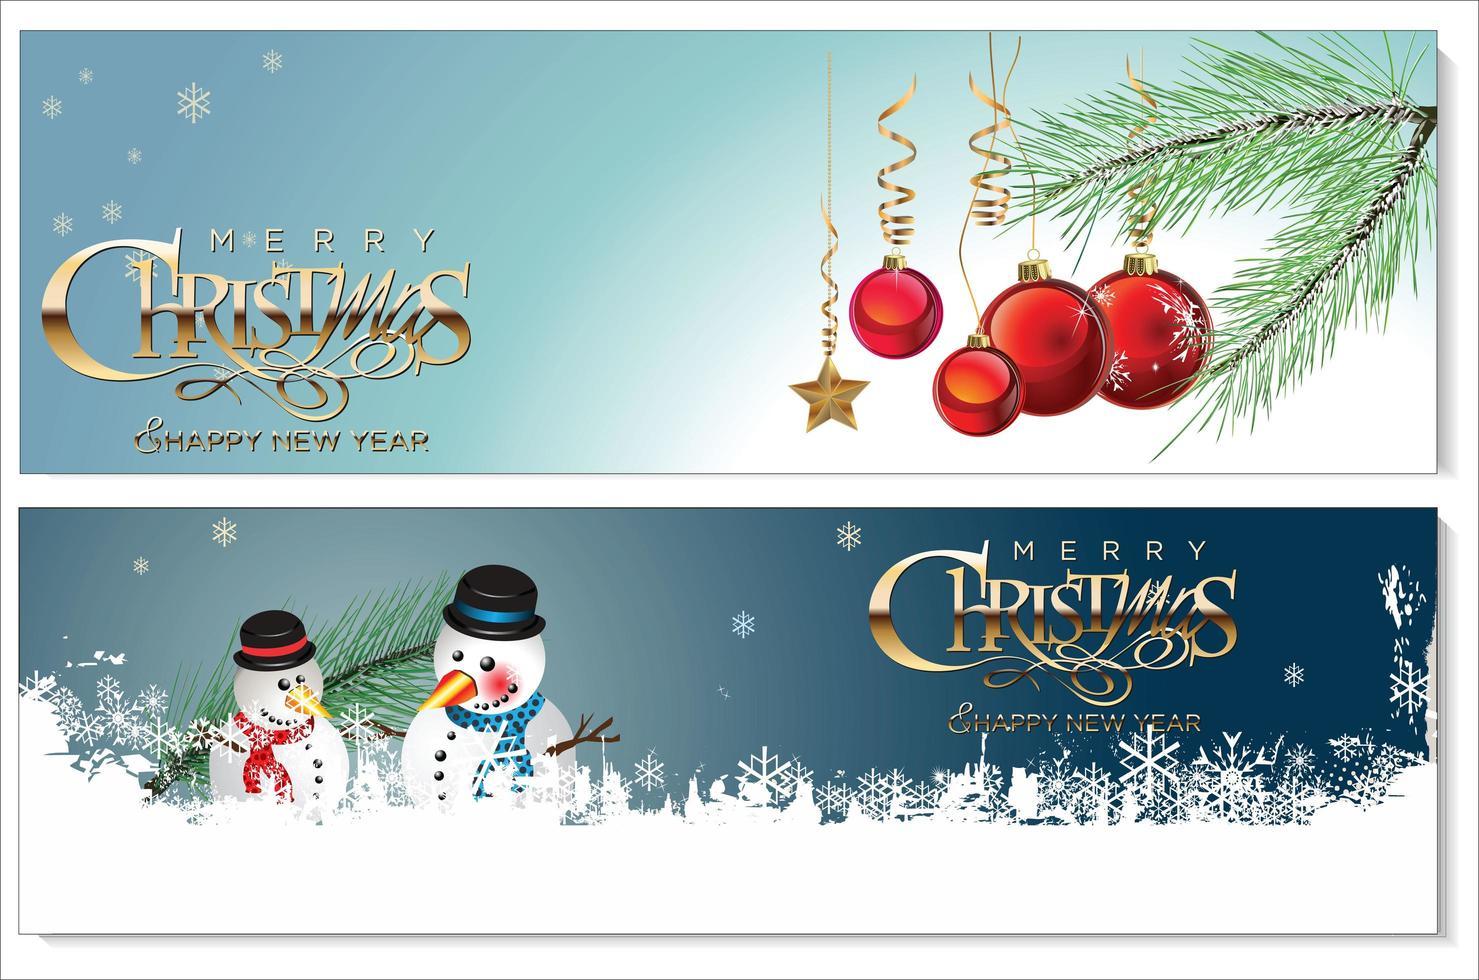 conjunto de banners nevados de navidad vector